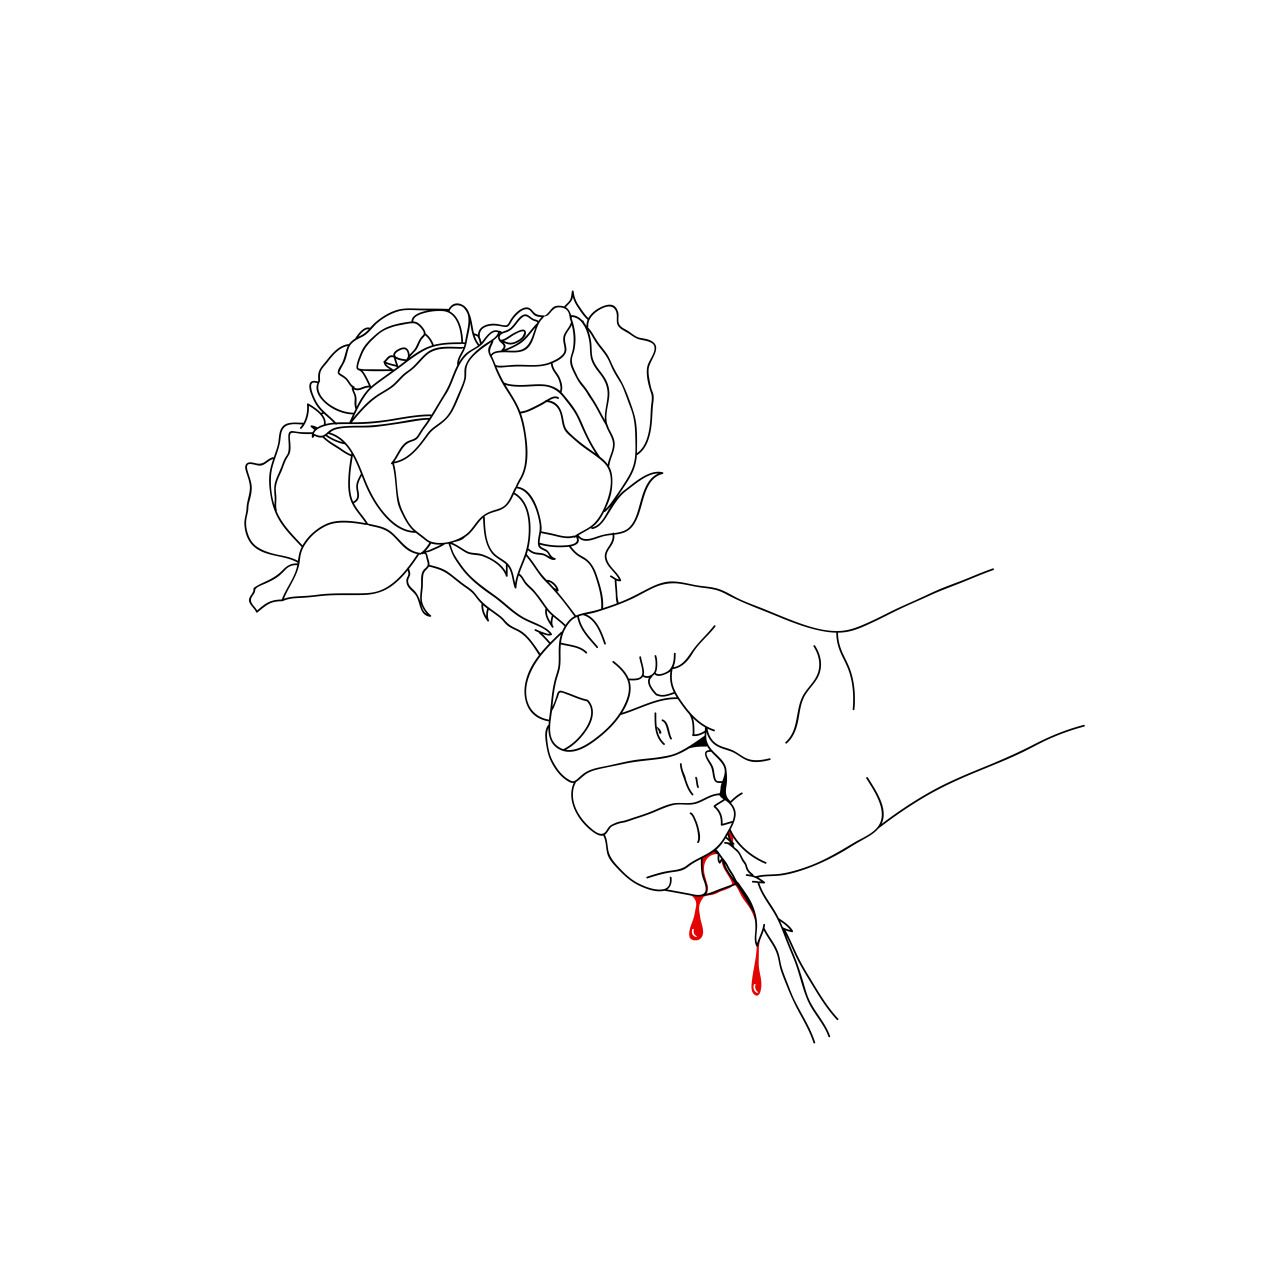 Line Art Aesthetic : Quiero que seas mi rosa y espina aunque me hagas daño